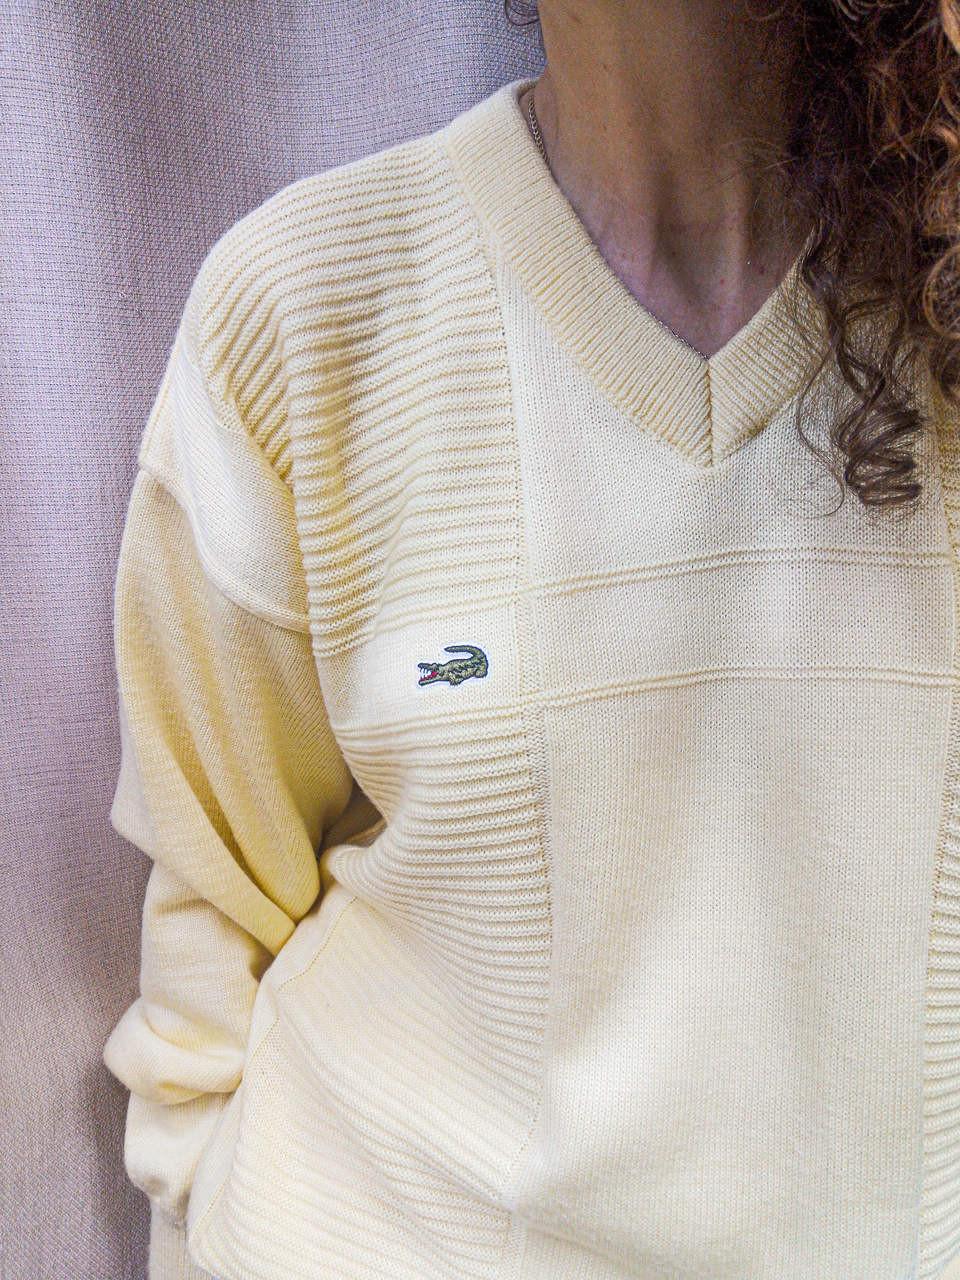 Słoneczny sweter od Lacoste - PONOŚ SE vintage shop   JestemSlow.pl